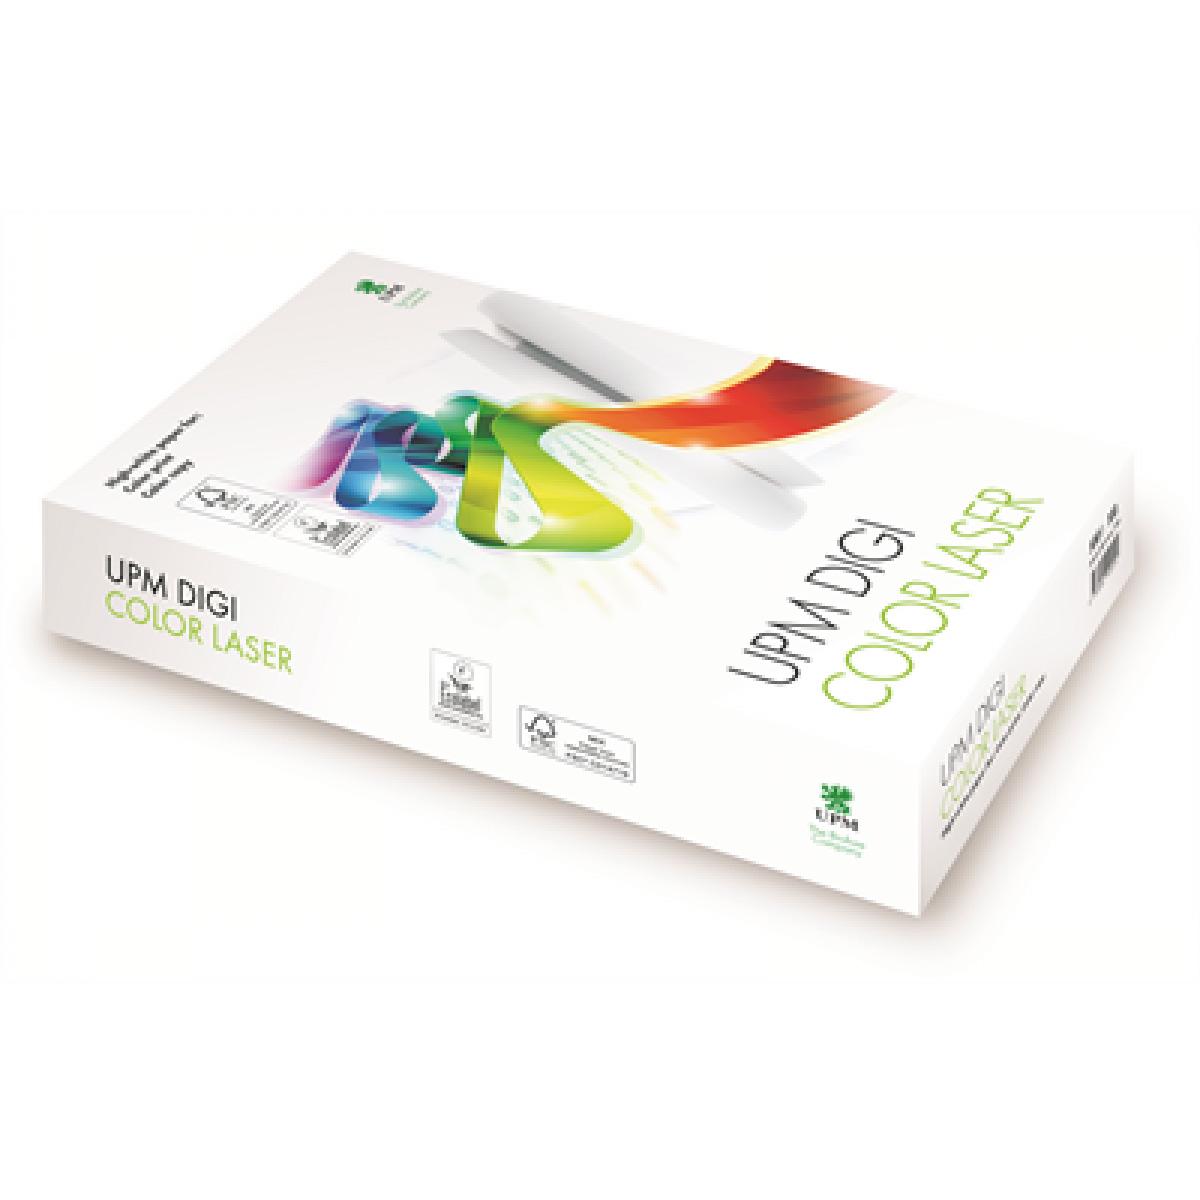 Бумага Digi Color Laser A3 190гр./м2., 250листов UPM - фото 1